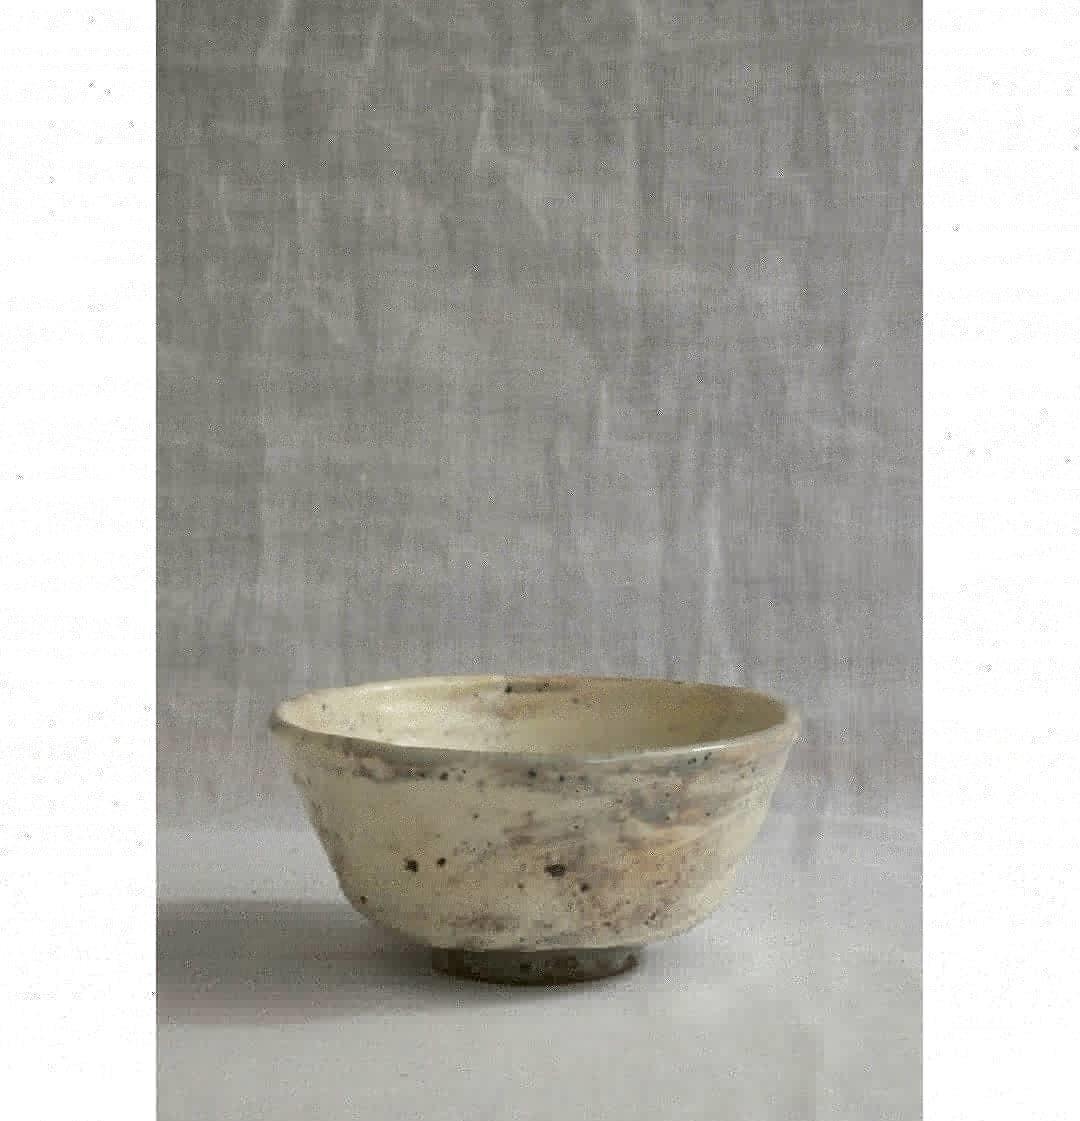 塩鶴るりこさんの陶展 - 食の記憶 - 6_f0351305_22525740.jpg